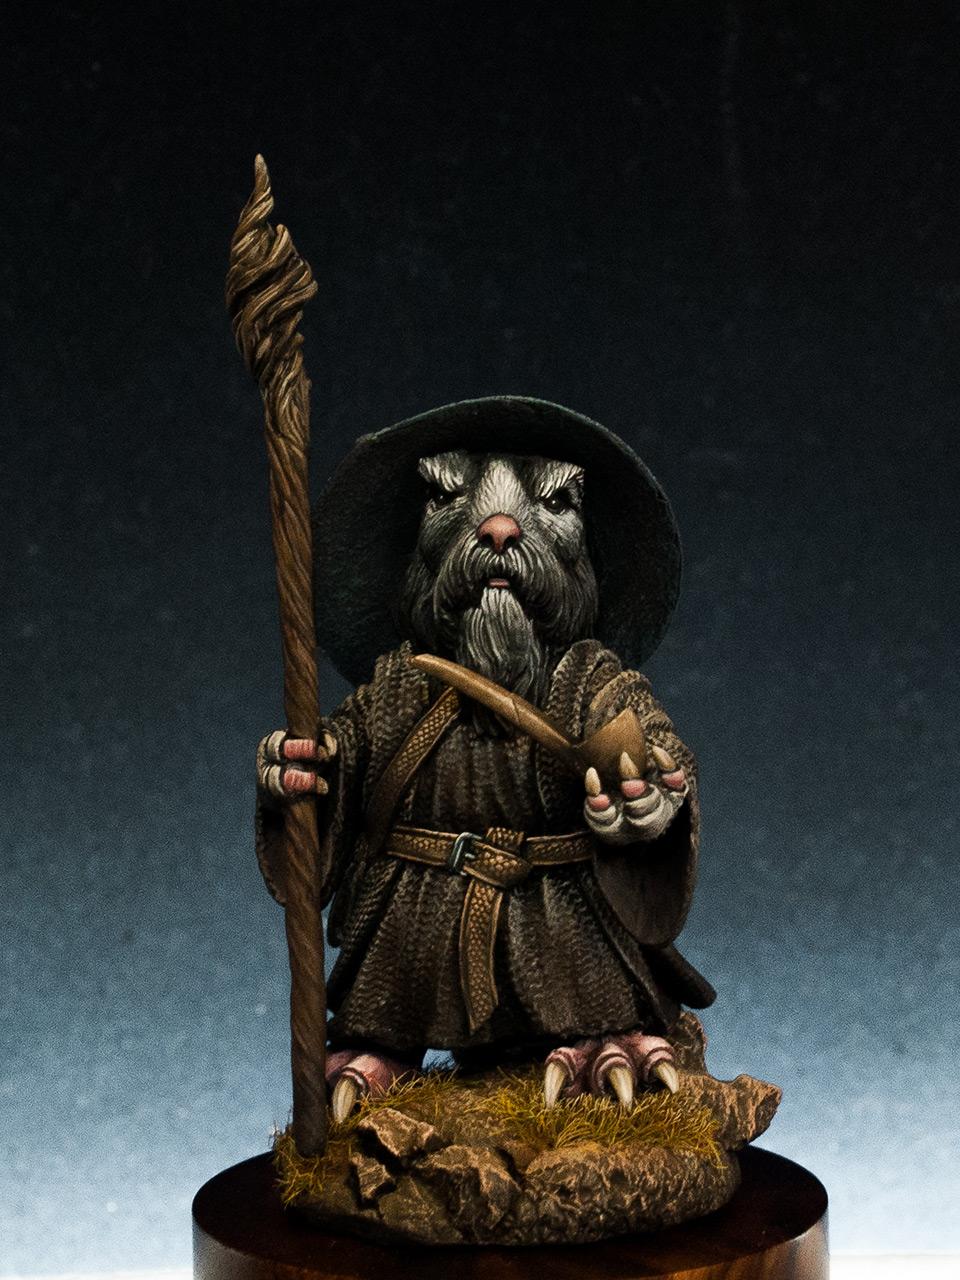 Miscellaneous: Graydalf, photo #2